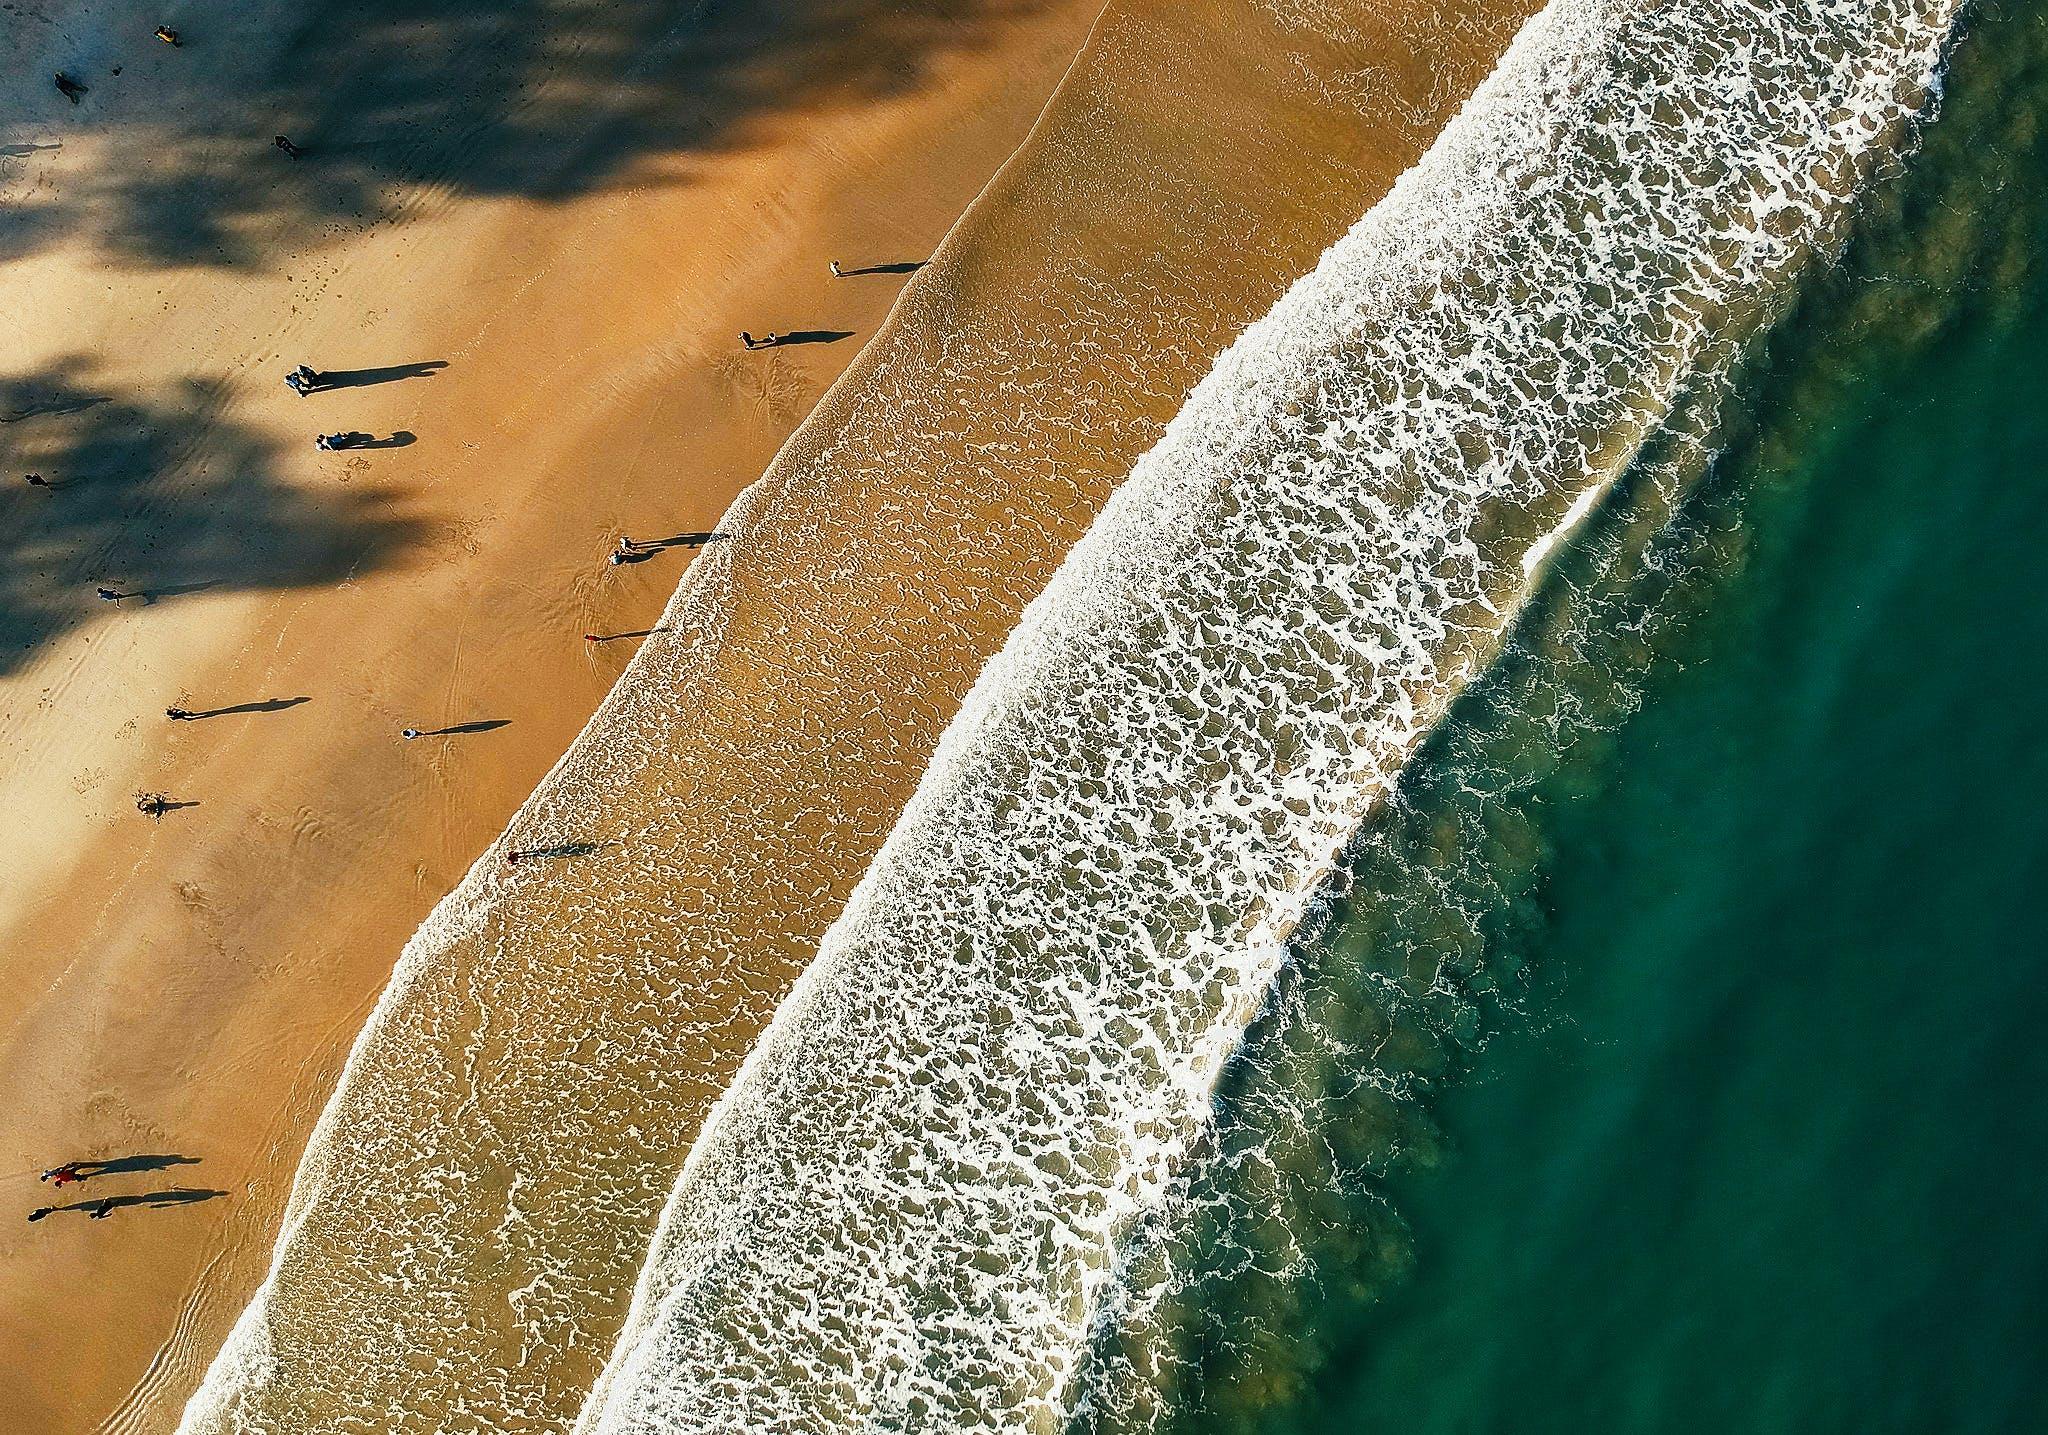 シースケープ, ビーチ, 上から, 岸の無料の写真素材